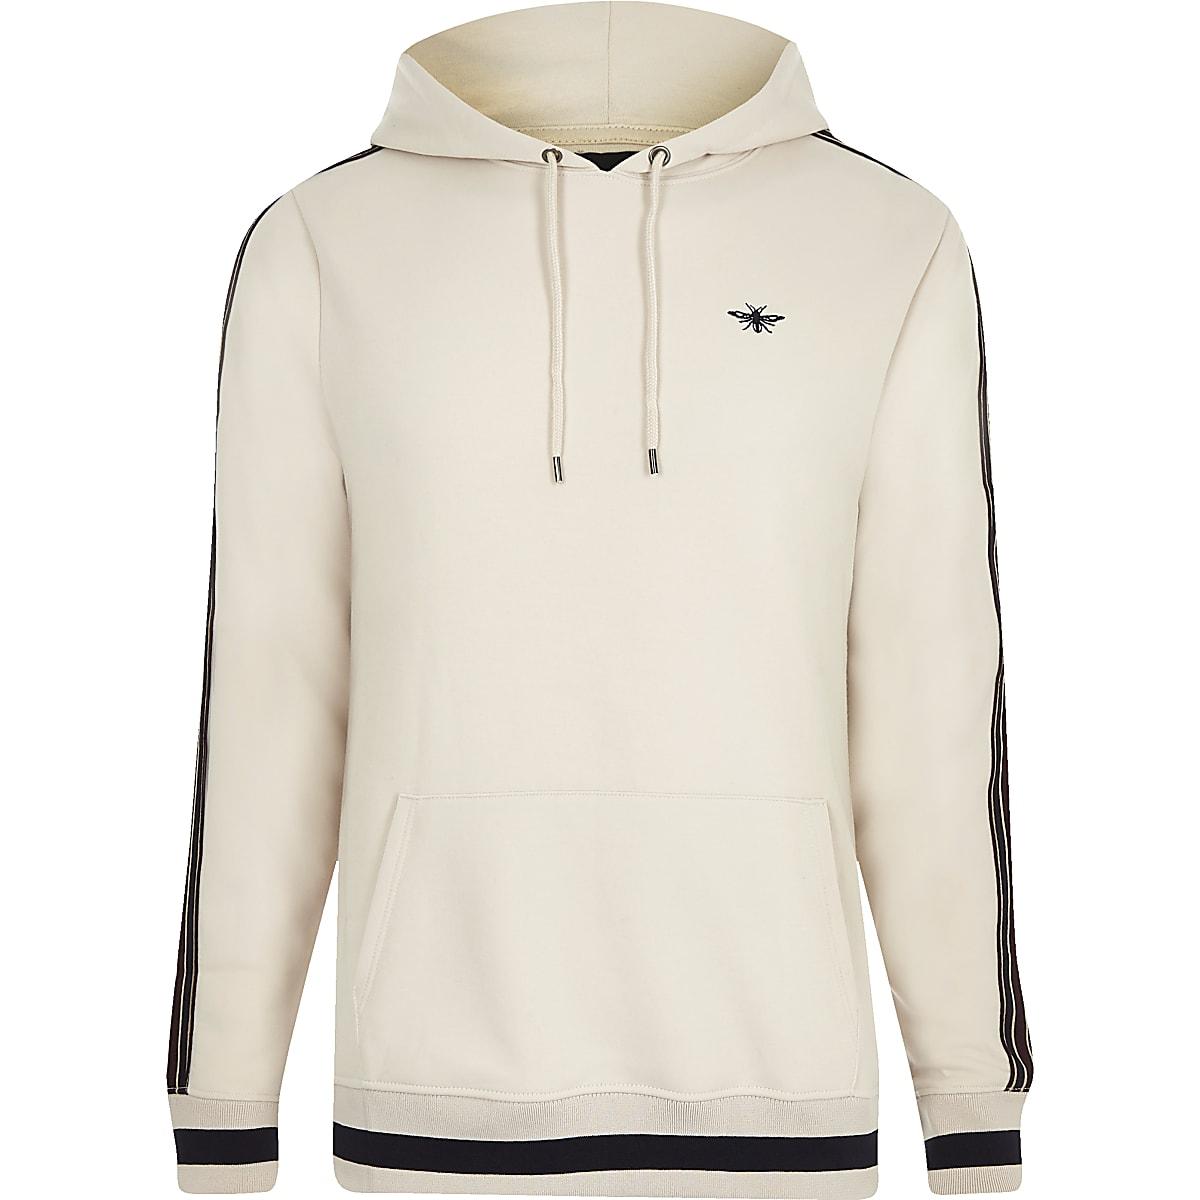 2a92488e Stone slim fit tape sleeve hoodie - Hoodies - Hoodies & Sweatshirts - men